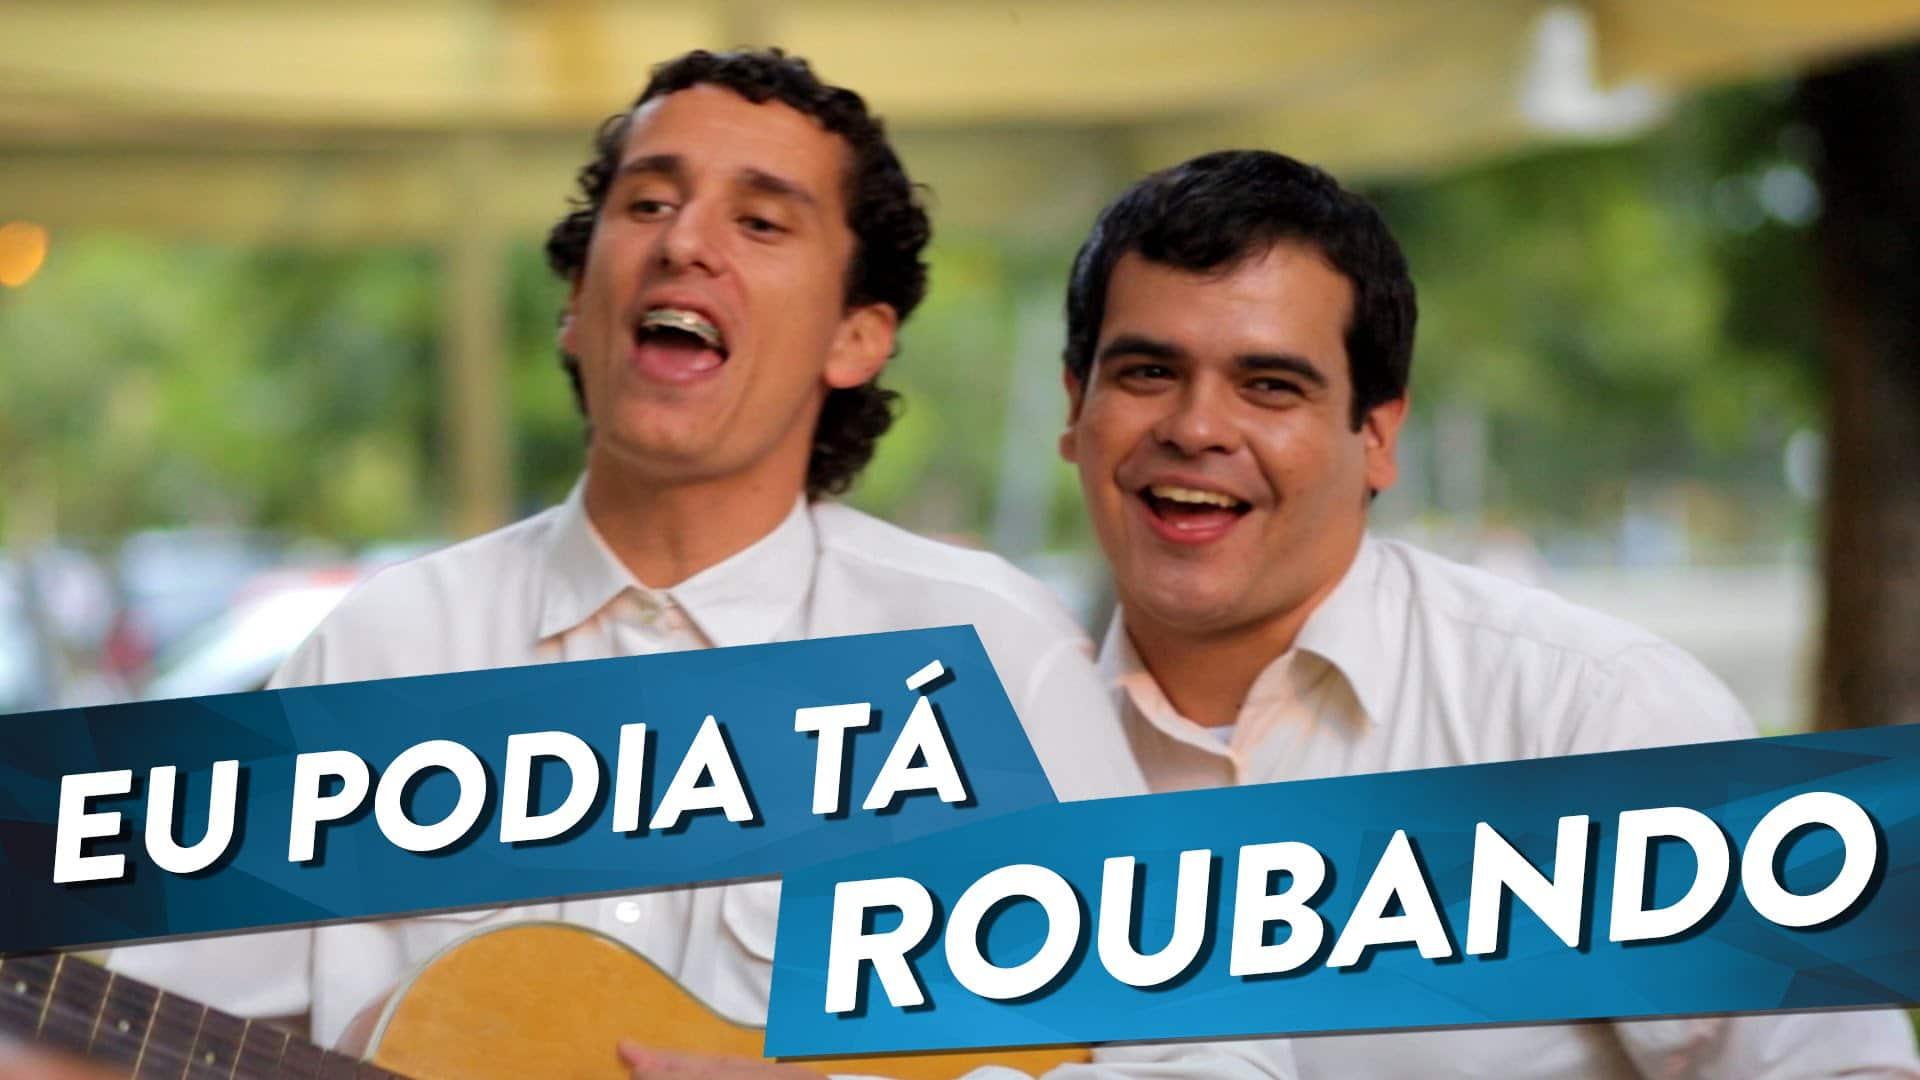 Video thumbnail for youtube video Eu podia tá roubando - Blog Tediado